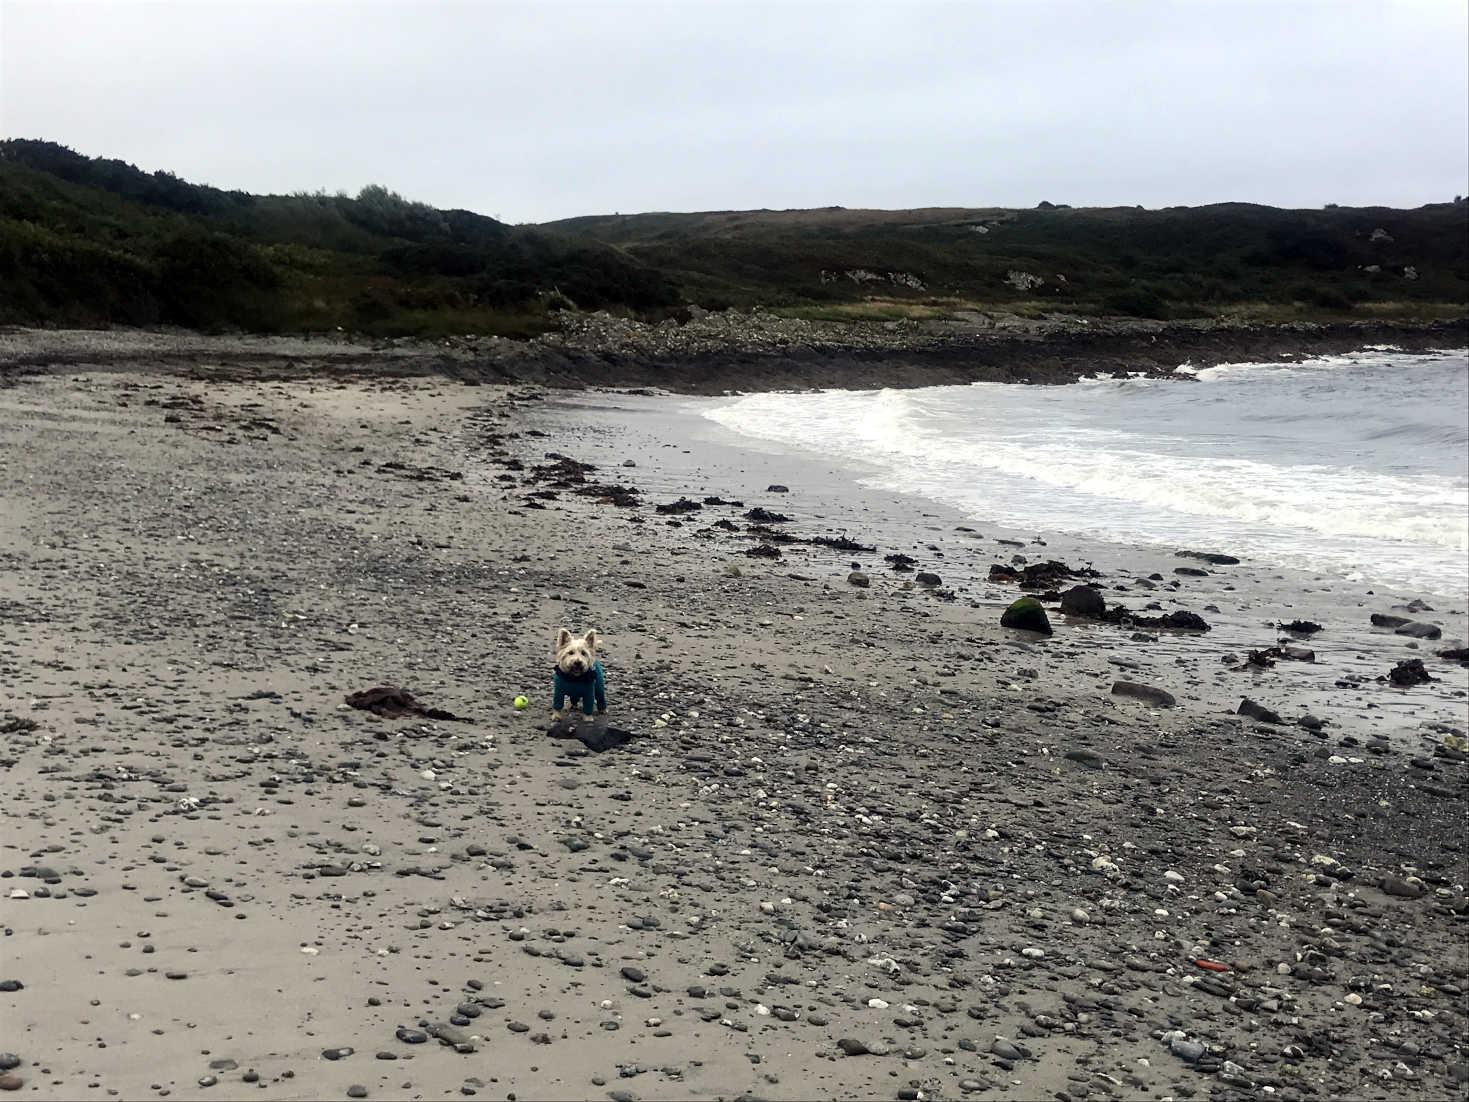 poppysocks on port righ beach